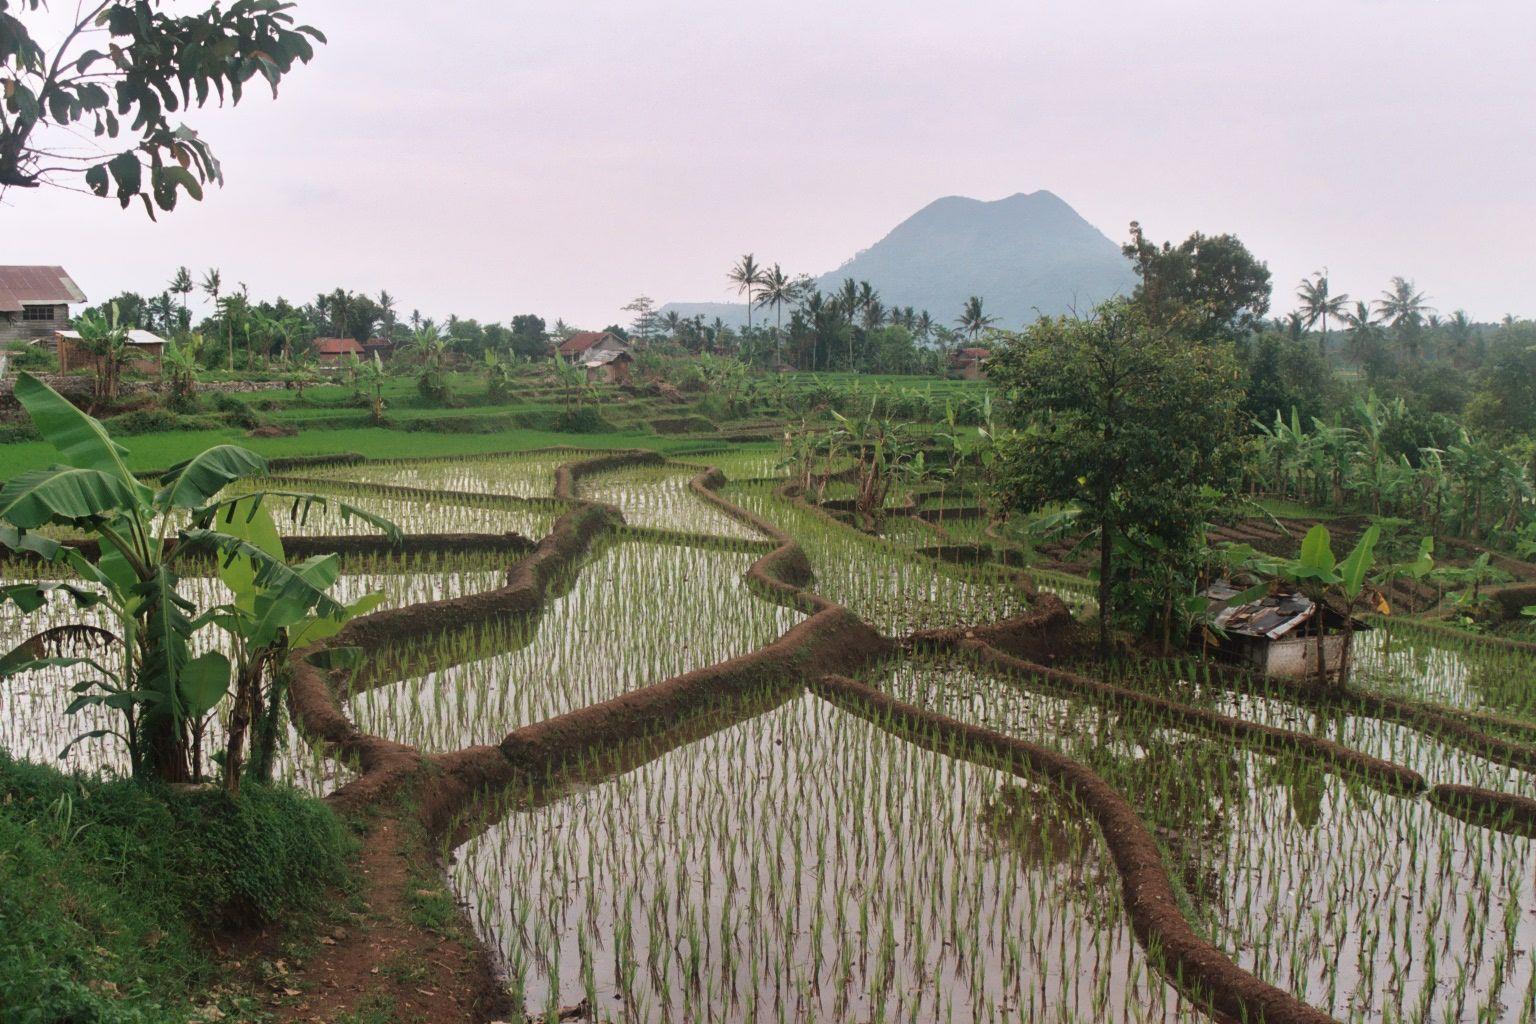 Sawa,s in Indonesie